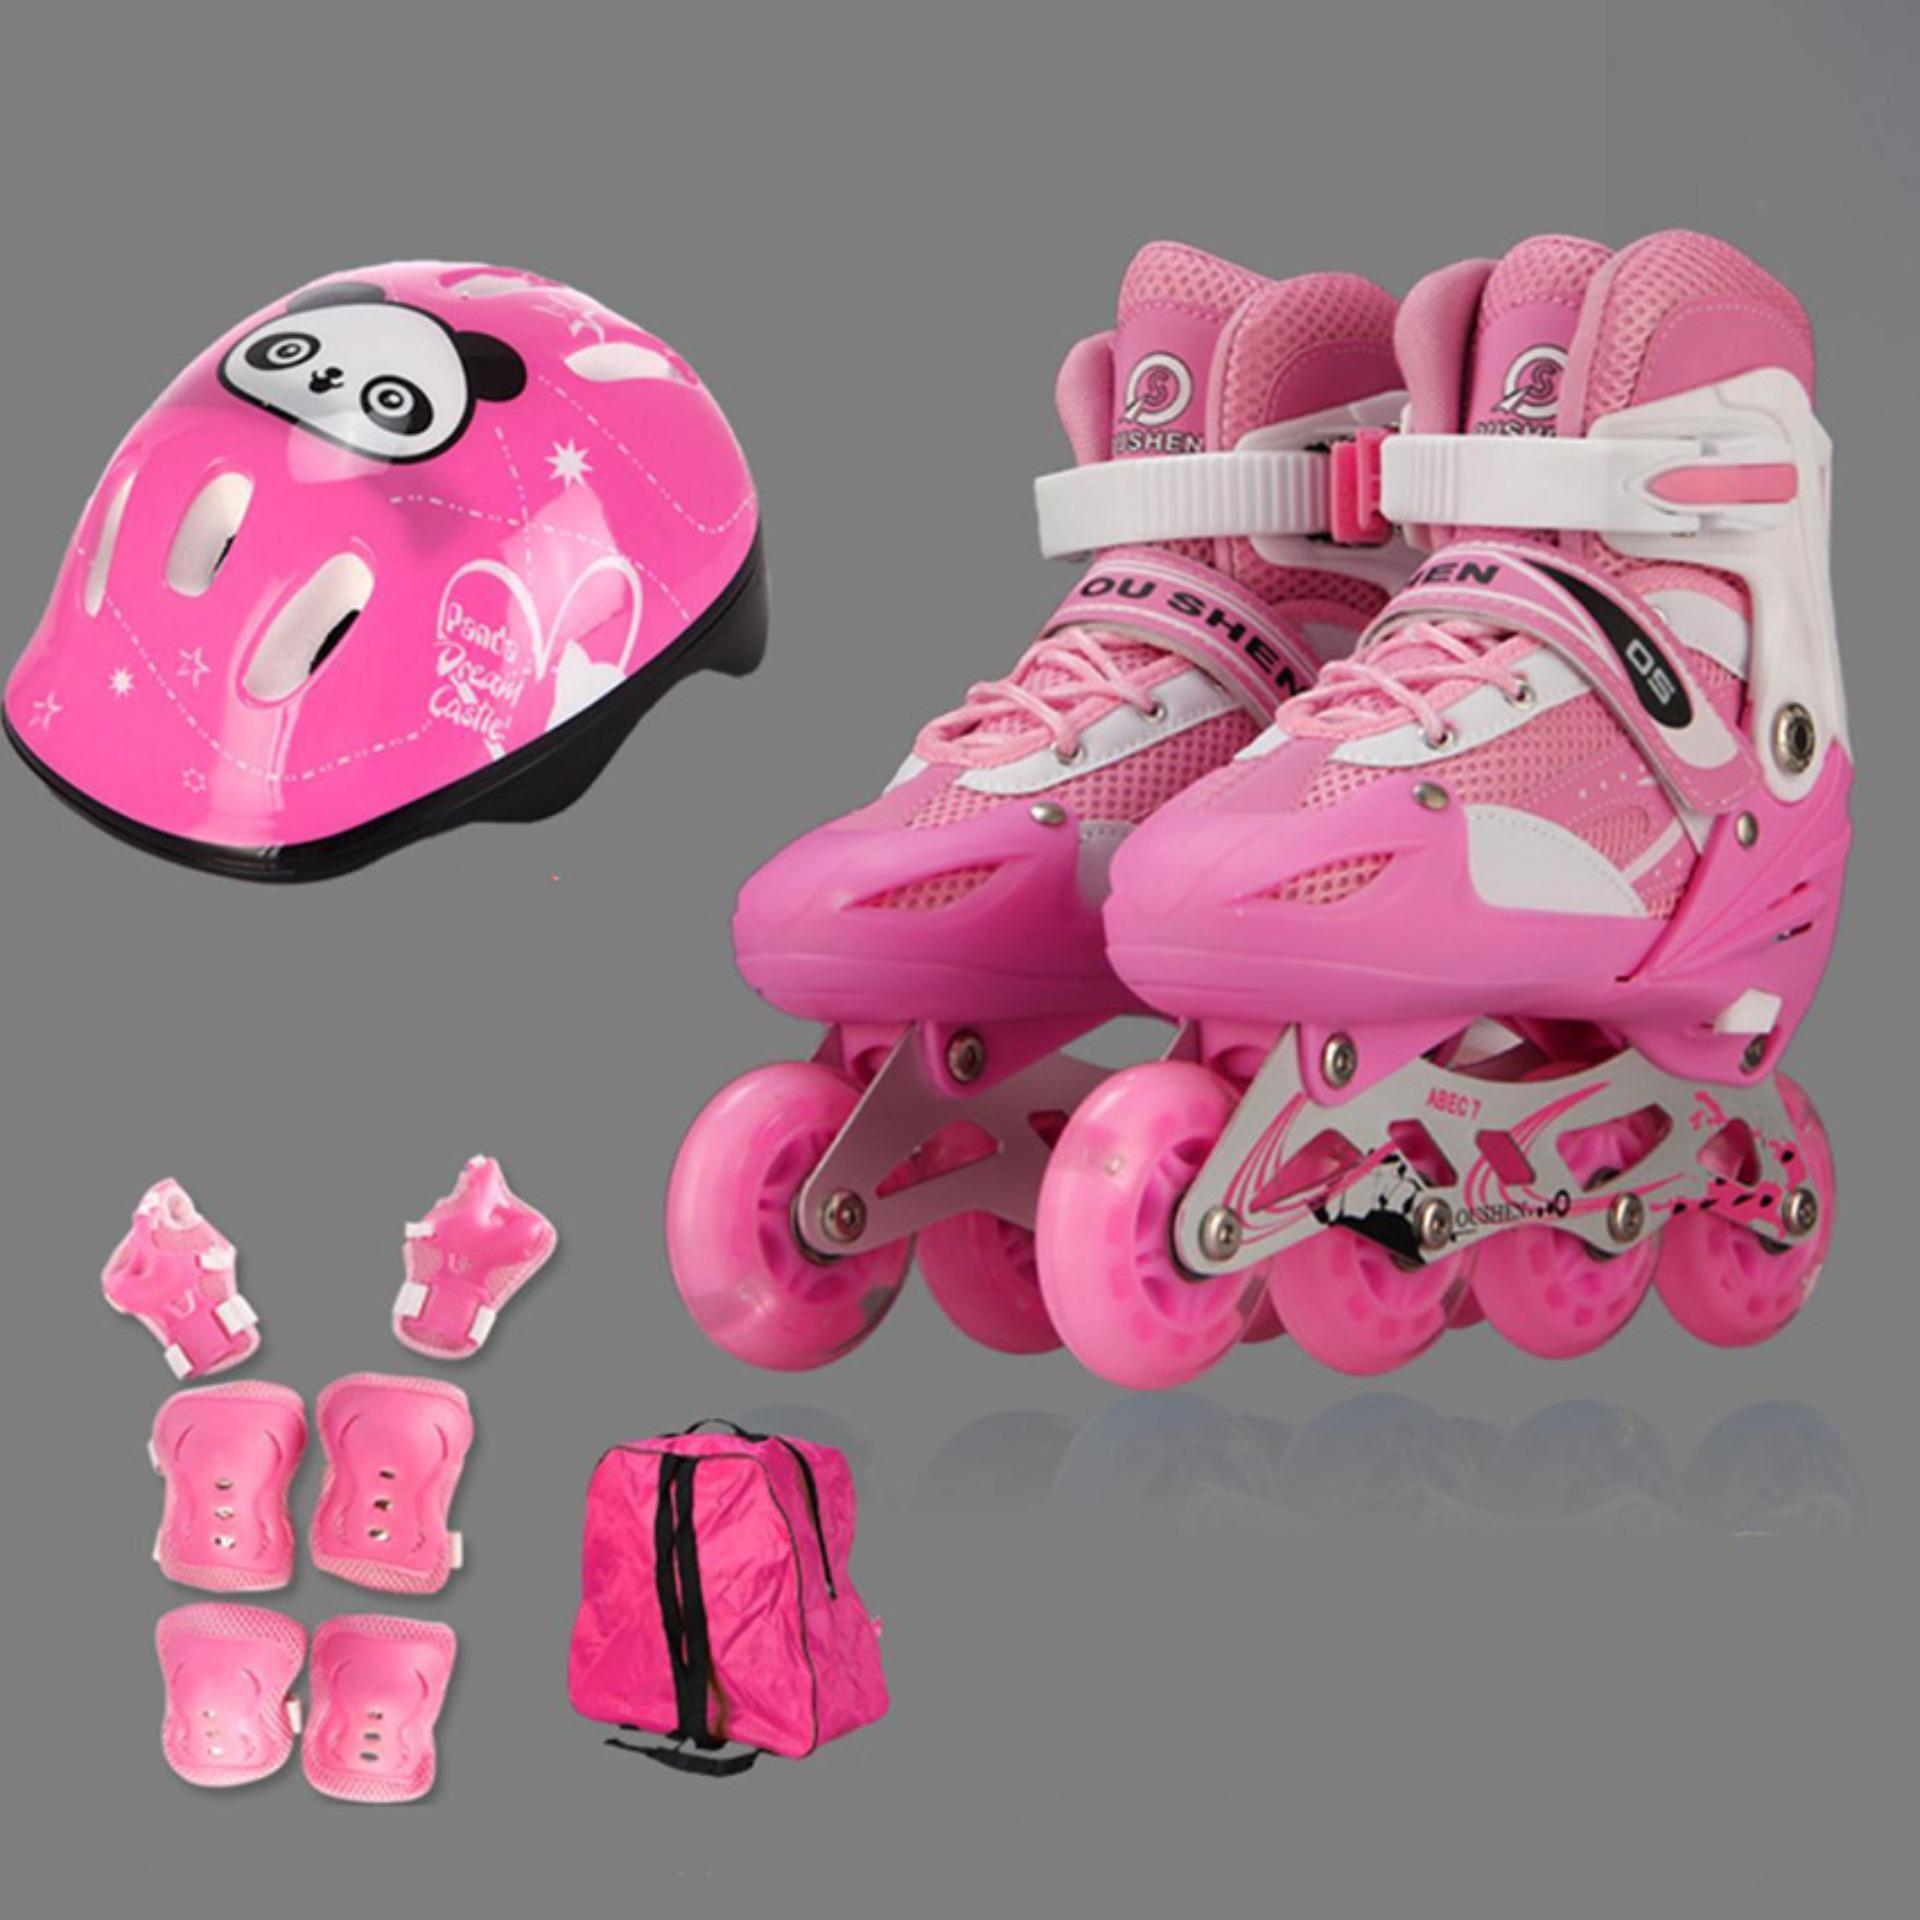 Dạy trượt patin cơ bản, Mua giay batin, Giày Patin trẻ em tặng mũ và đồ bảo hộ (5 đến 14 tuổi) với bánh xe có tính đàn hồi cao, chống trầy xước, chống xé rách, chịu mài mòn va đập tốt - BẢO HÀNH UY TÍN